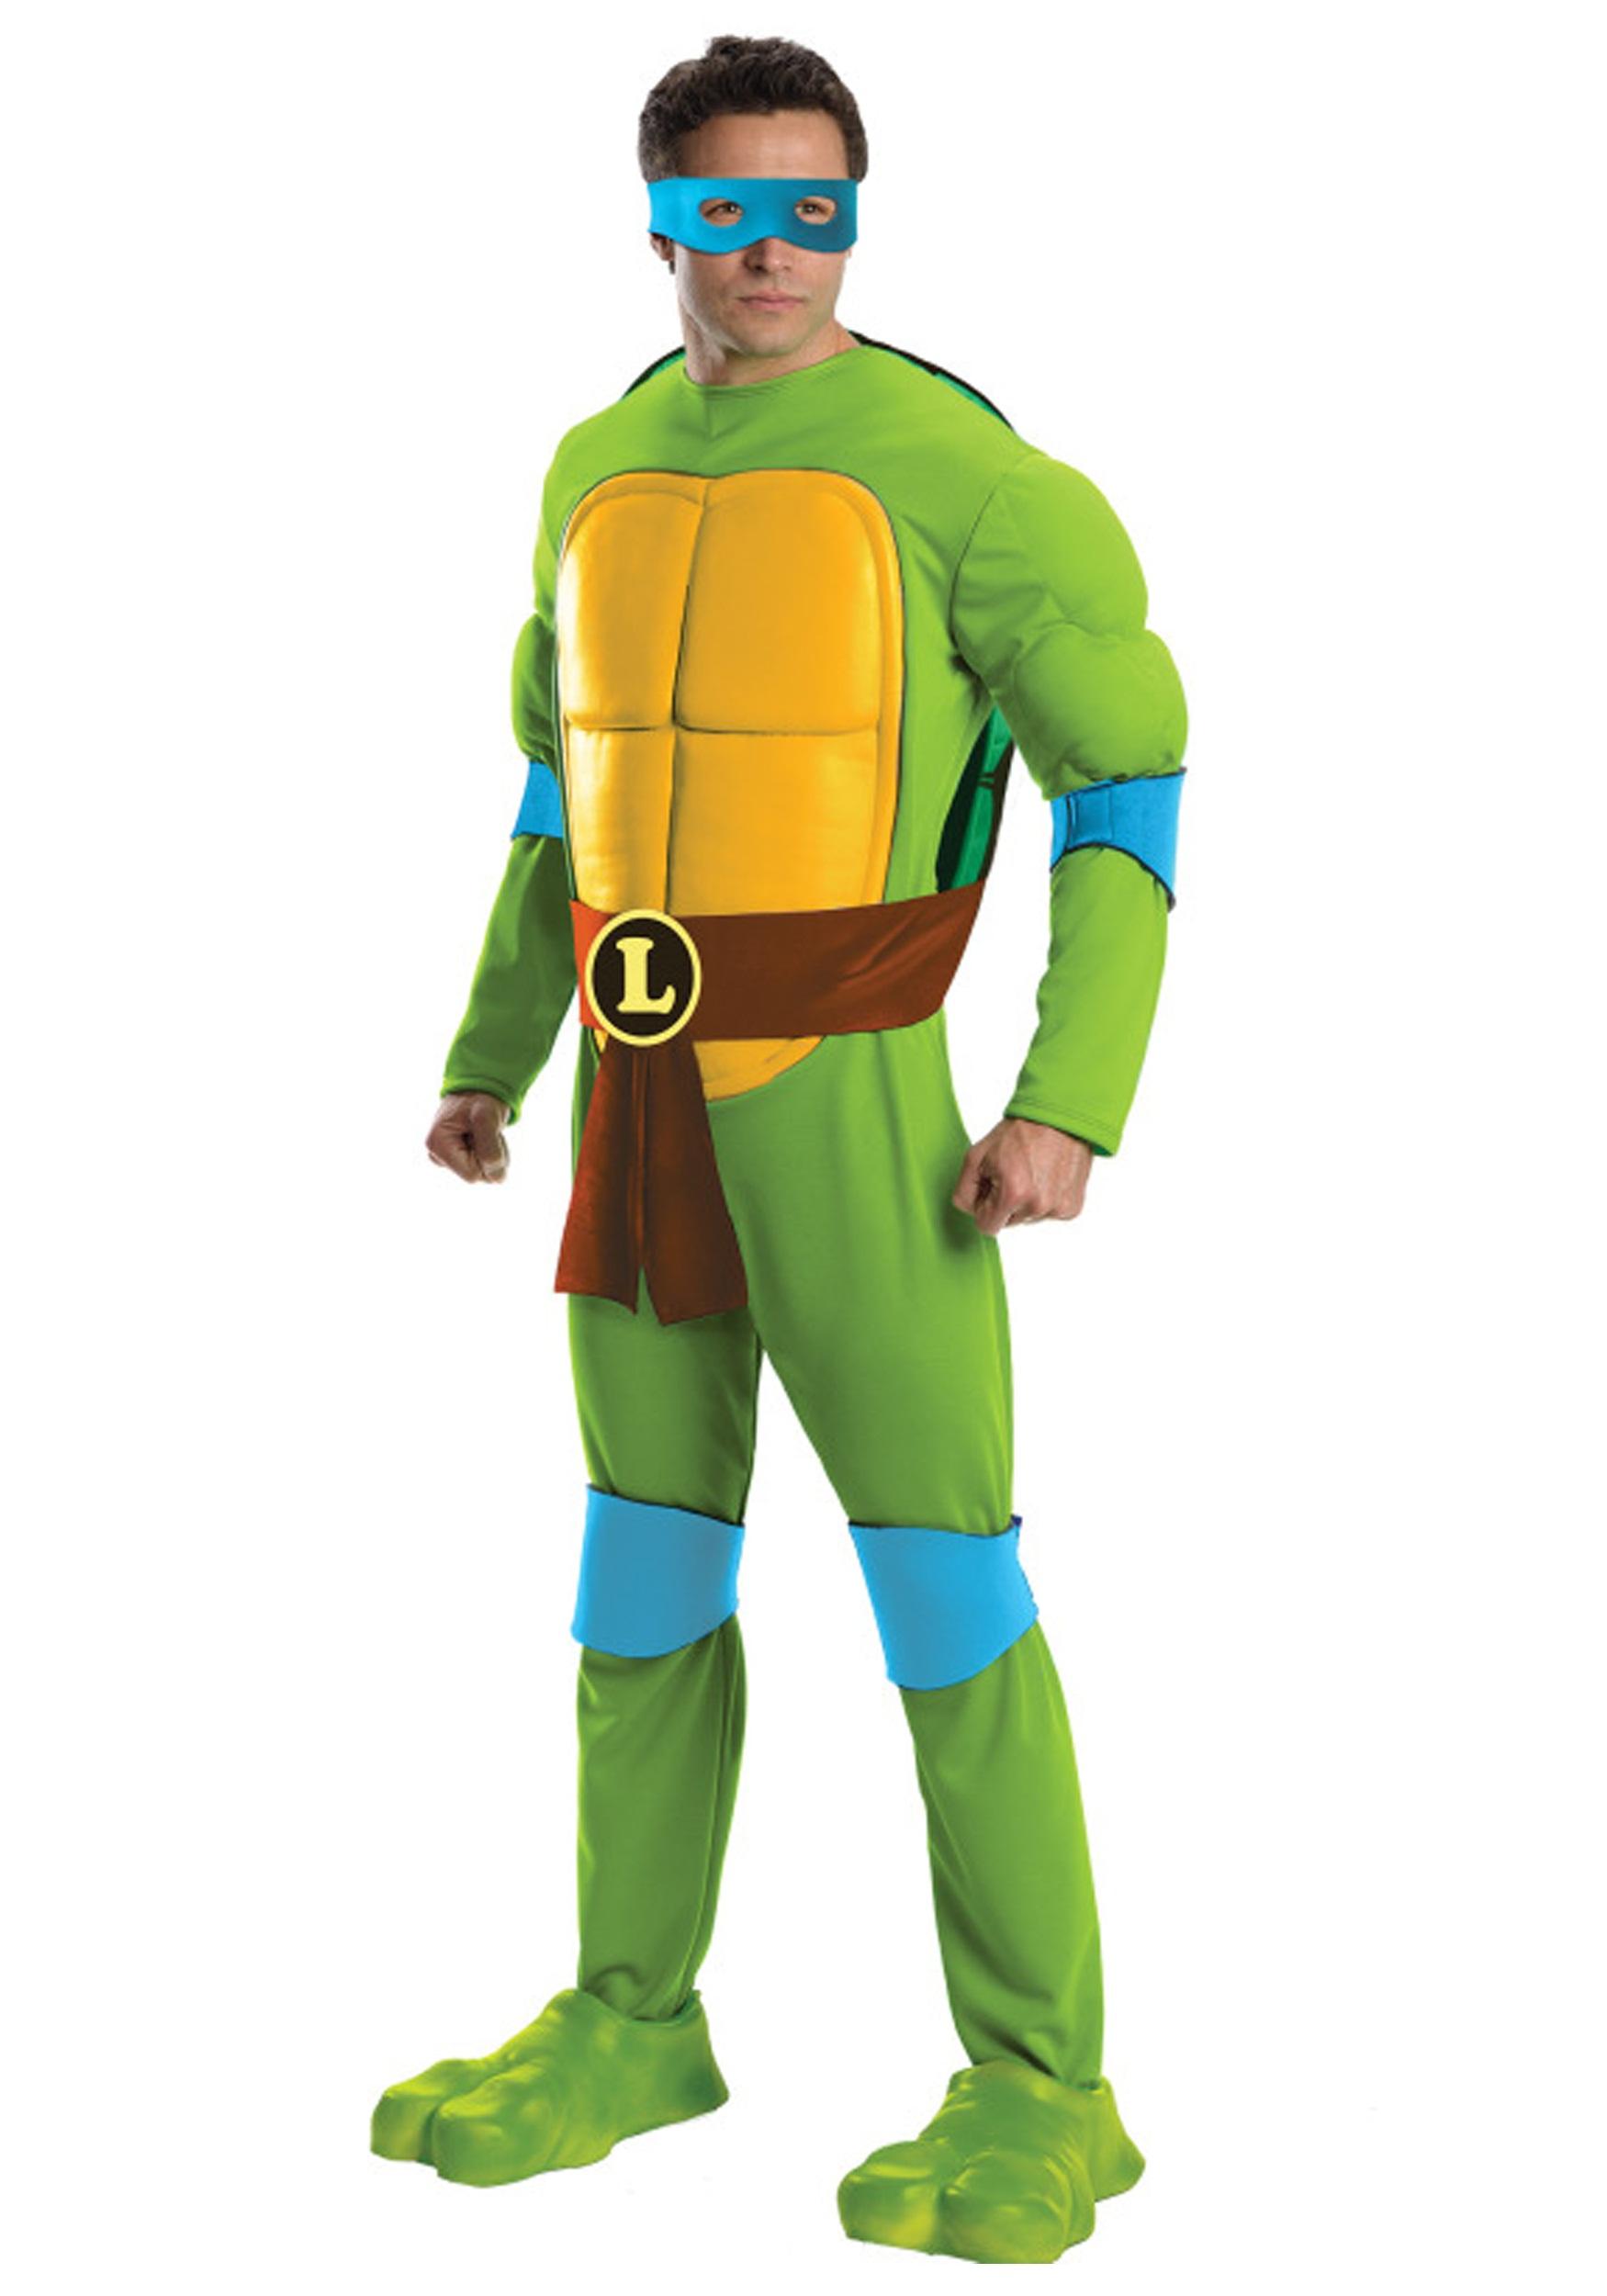 6d82cf2c4d6 Deluxe Adult Leonardo Costume